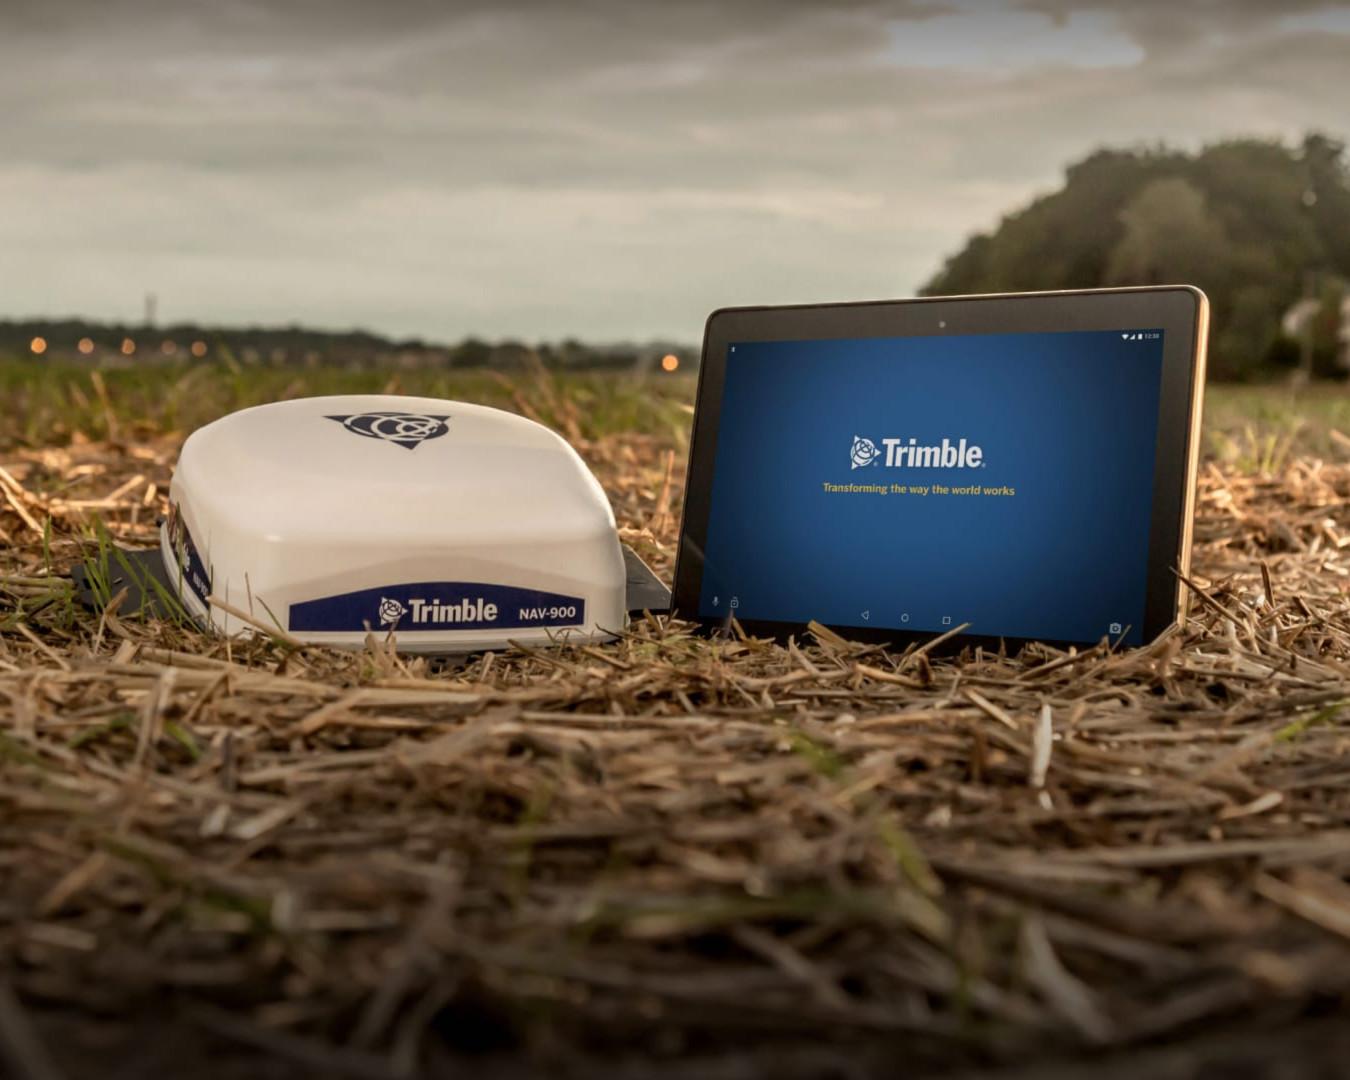 Мнение сельхозпроизводителей о Trimble GFX-750